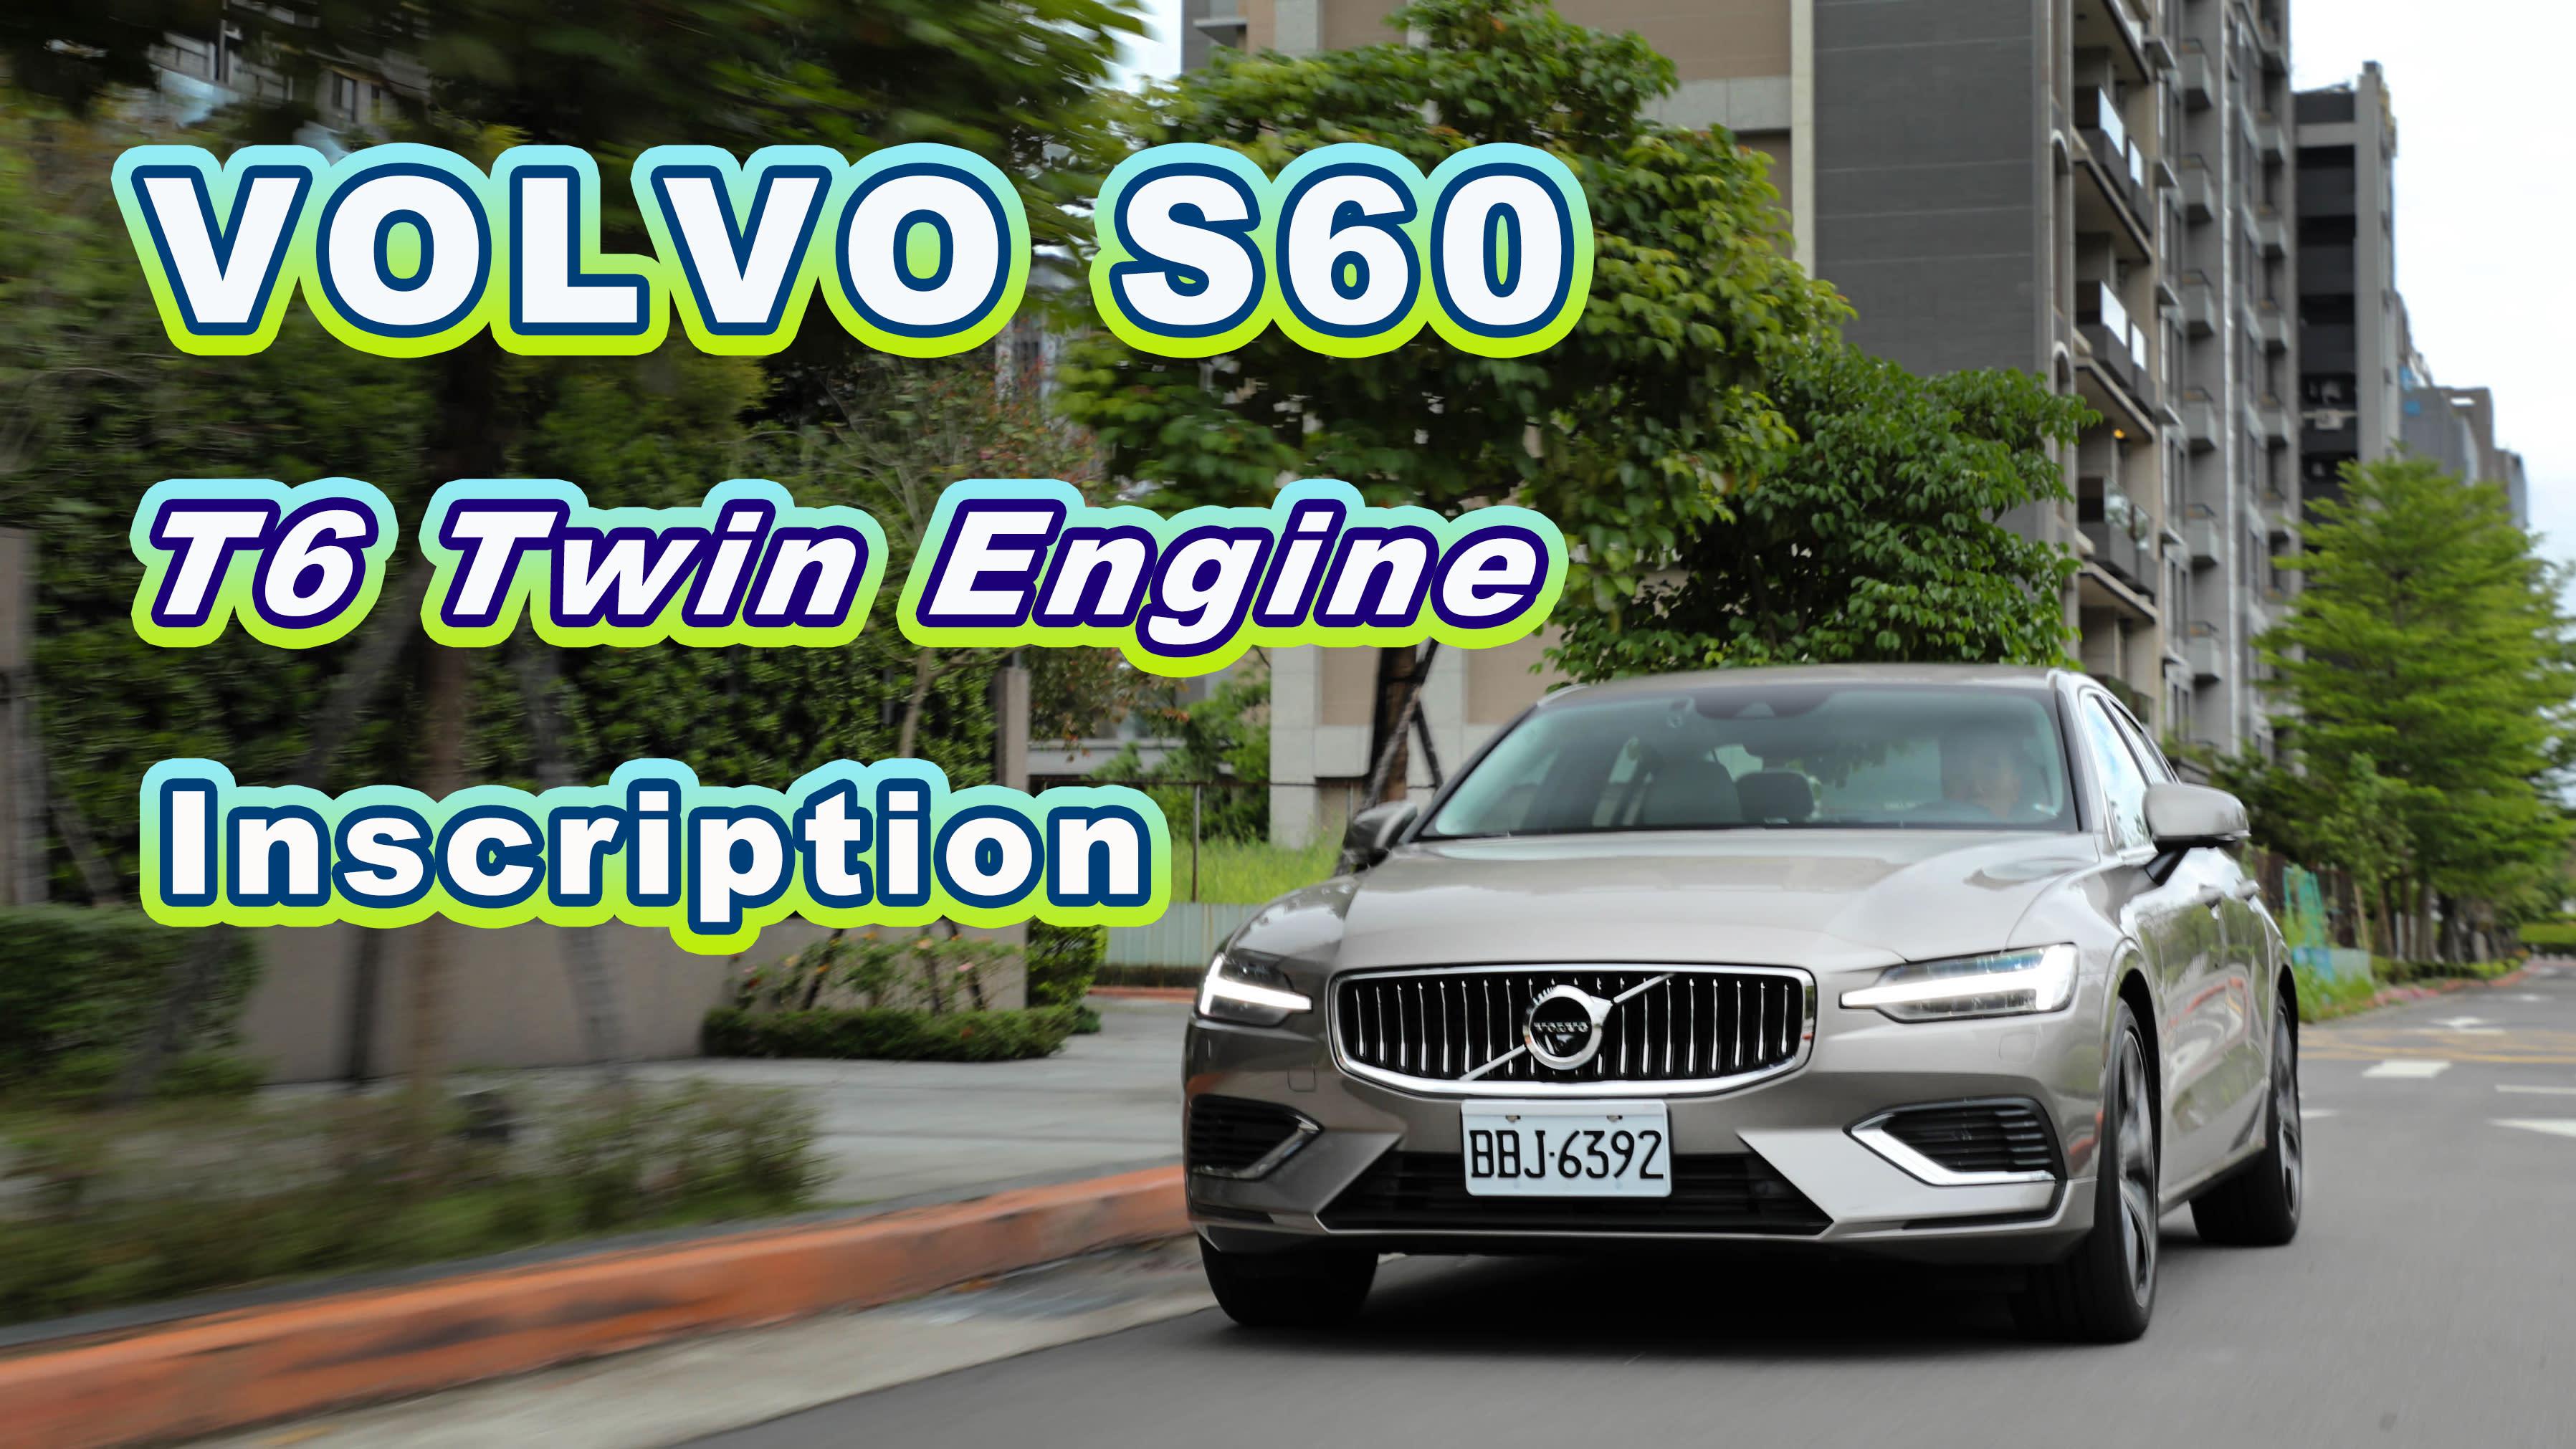 通勤無怨言!電能加持更舒適 VOLVO S60 T6 Twin Engine Inscription 新車試駕